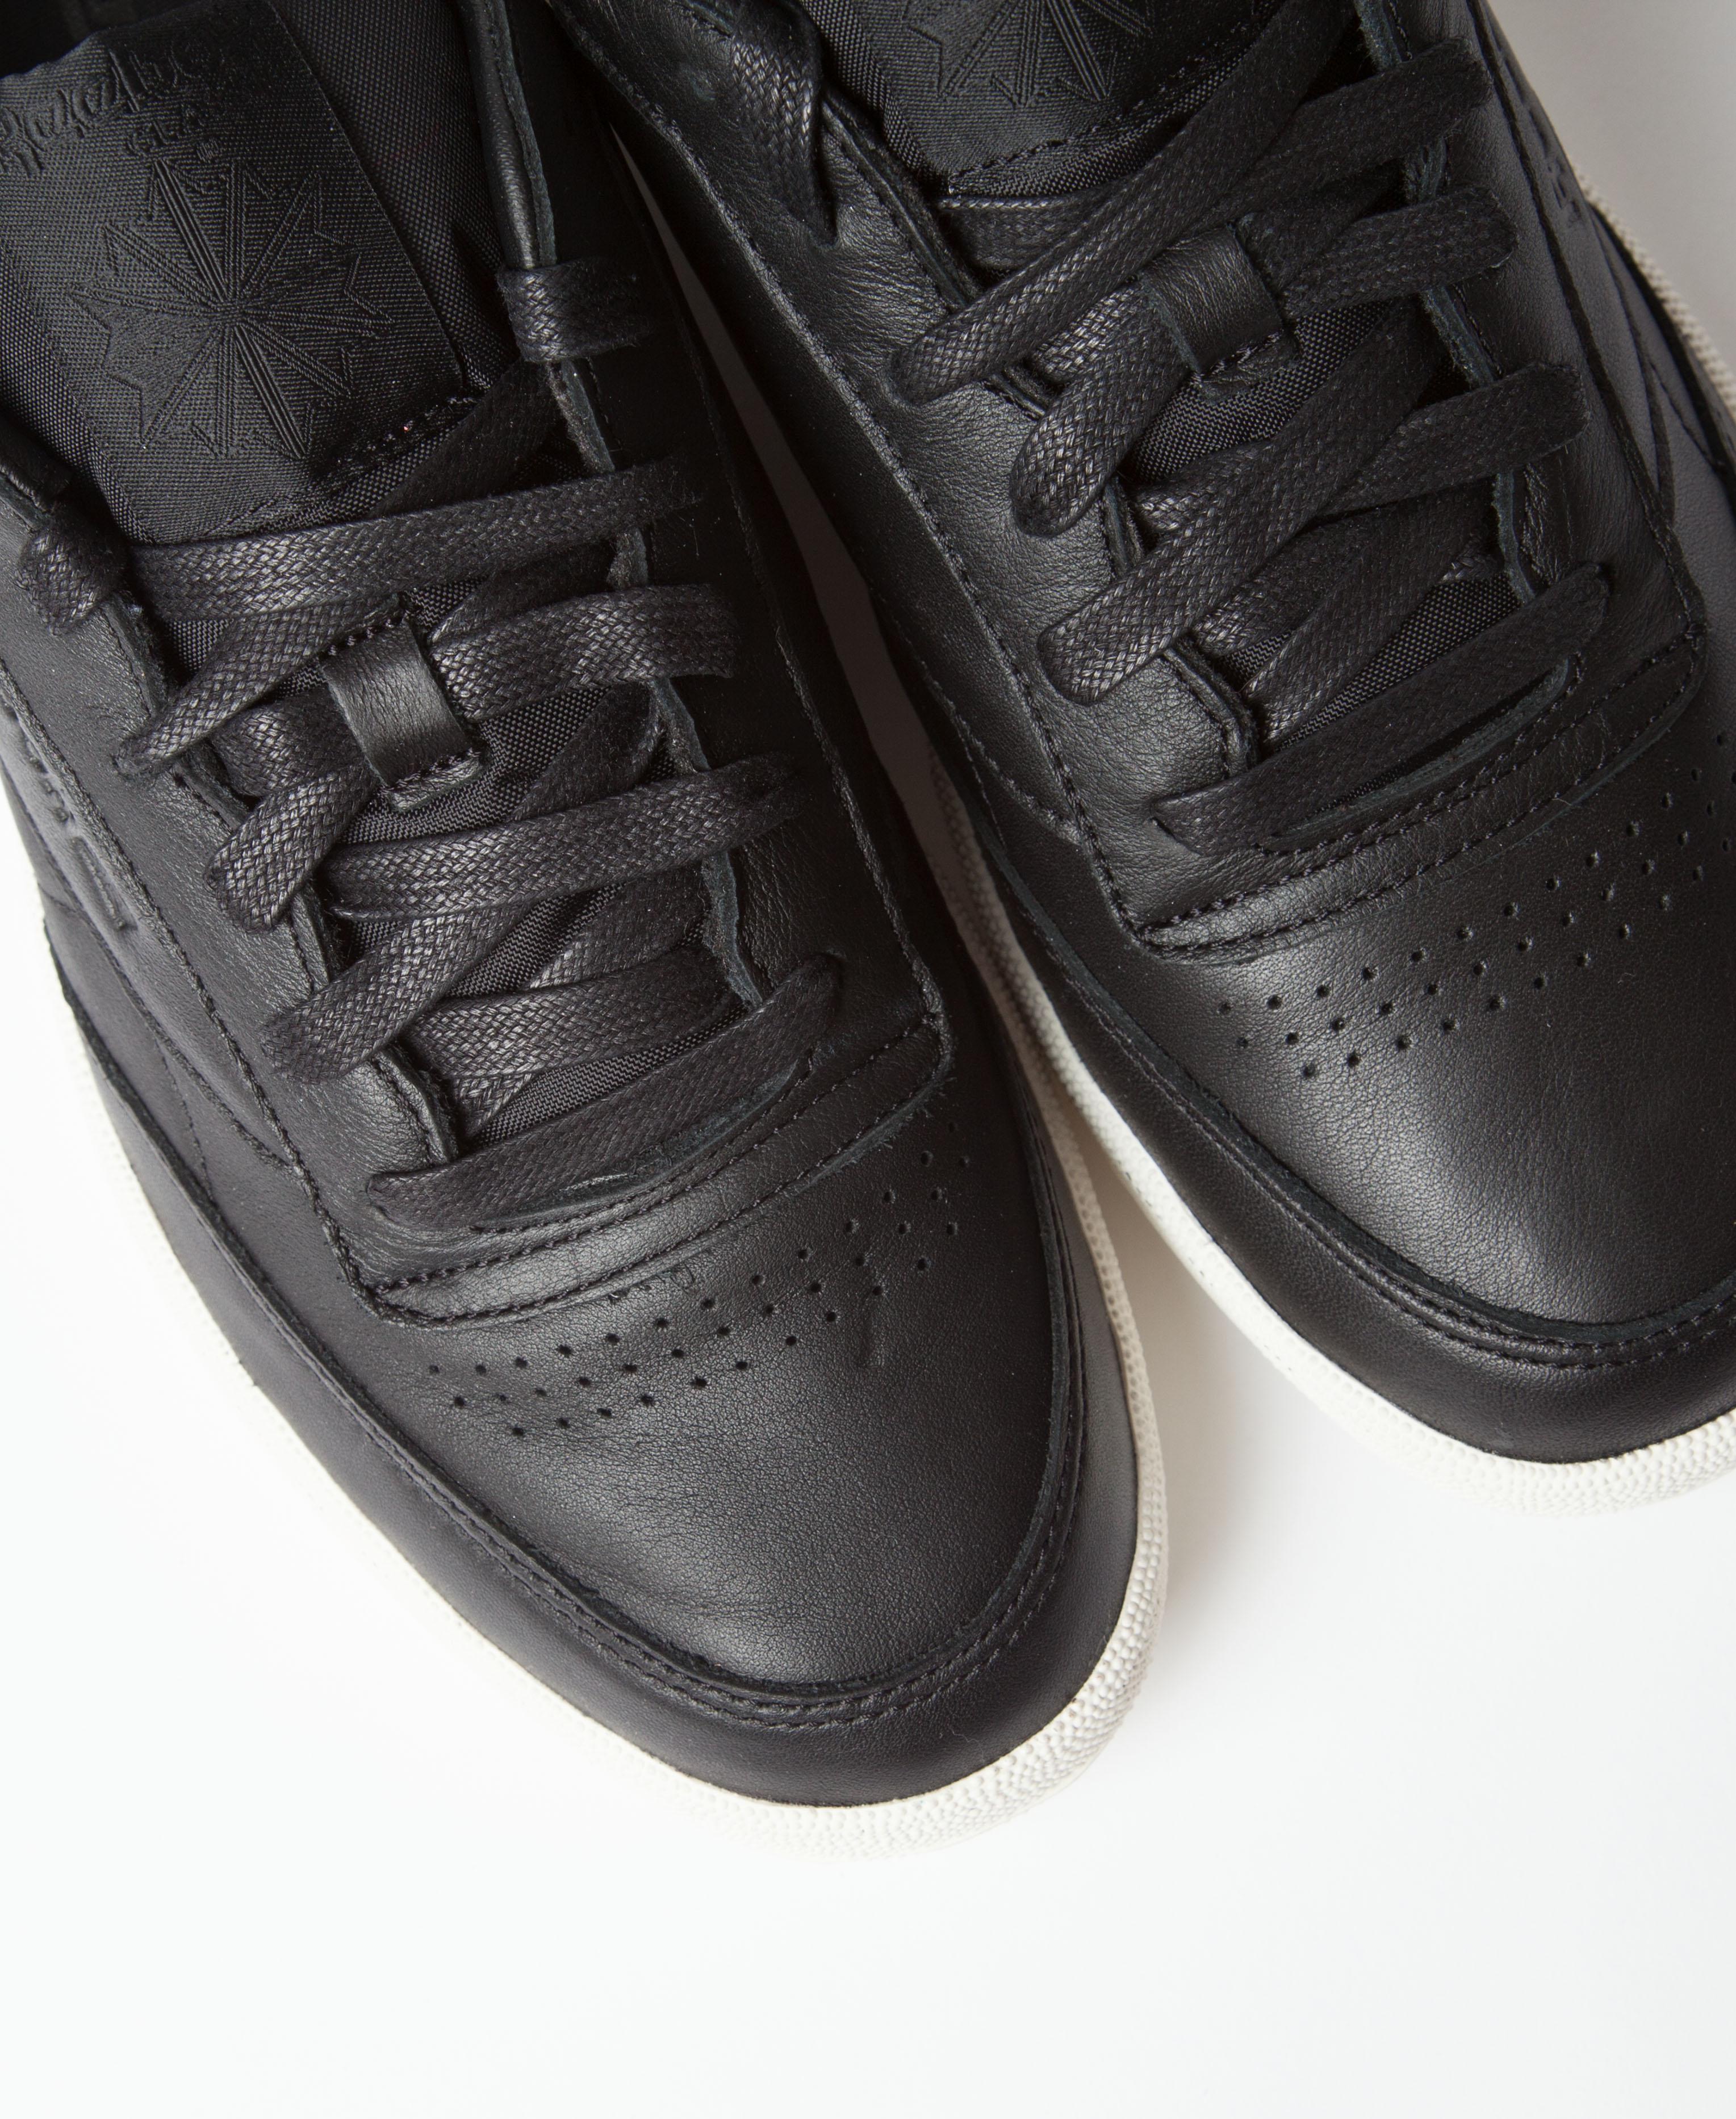 de26b2680a8 Lyst - Reebok Club C 85 Np in Black for Men